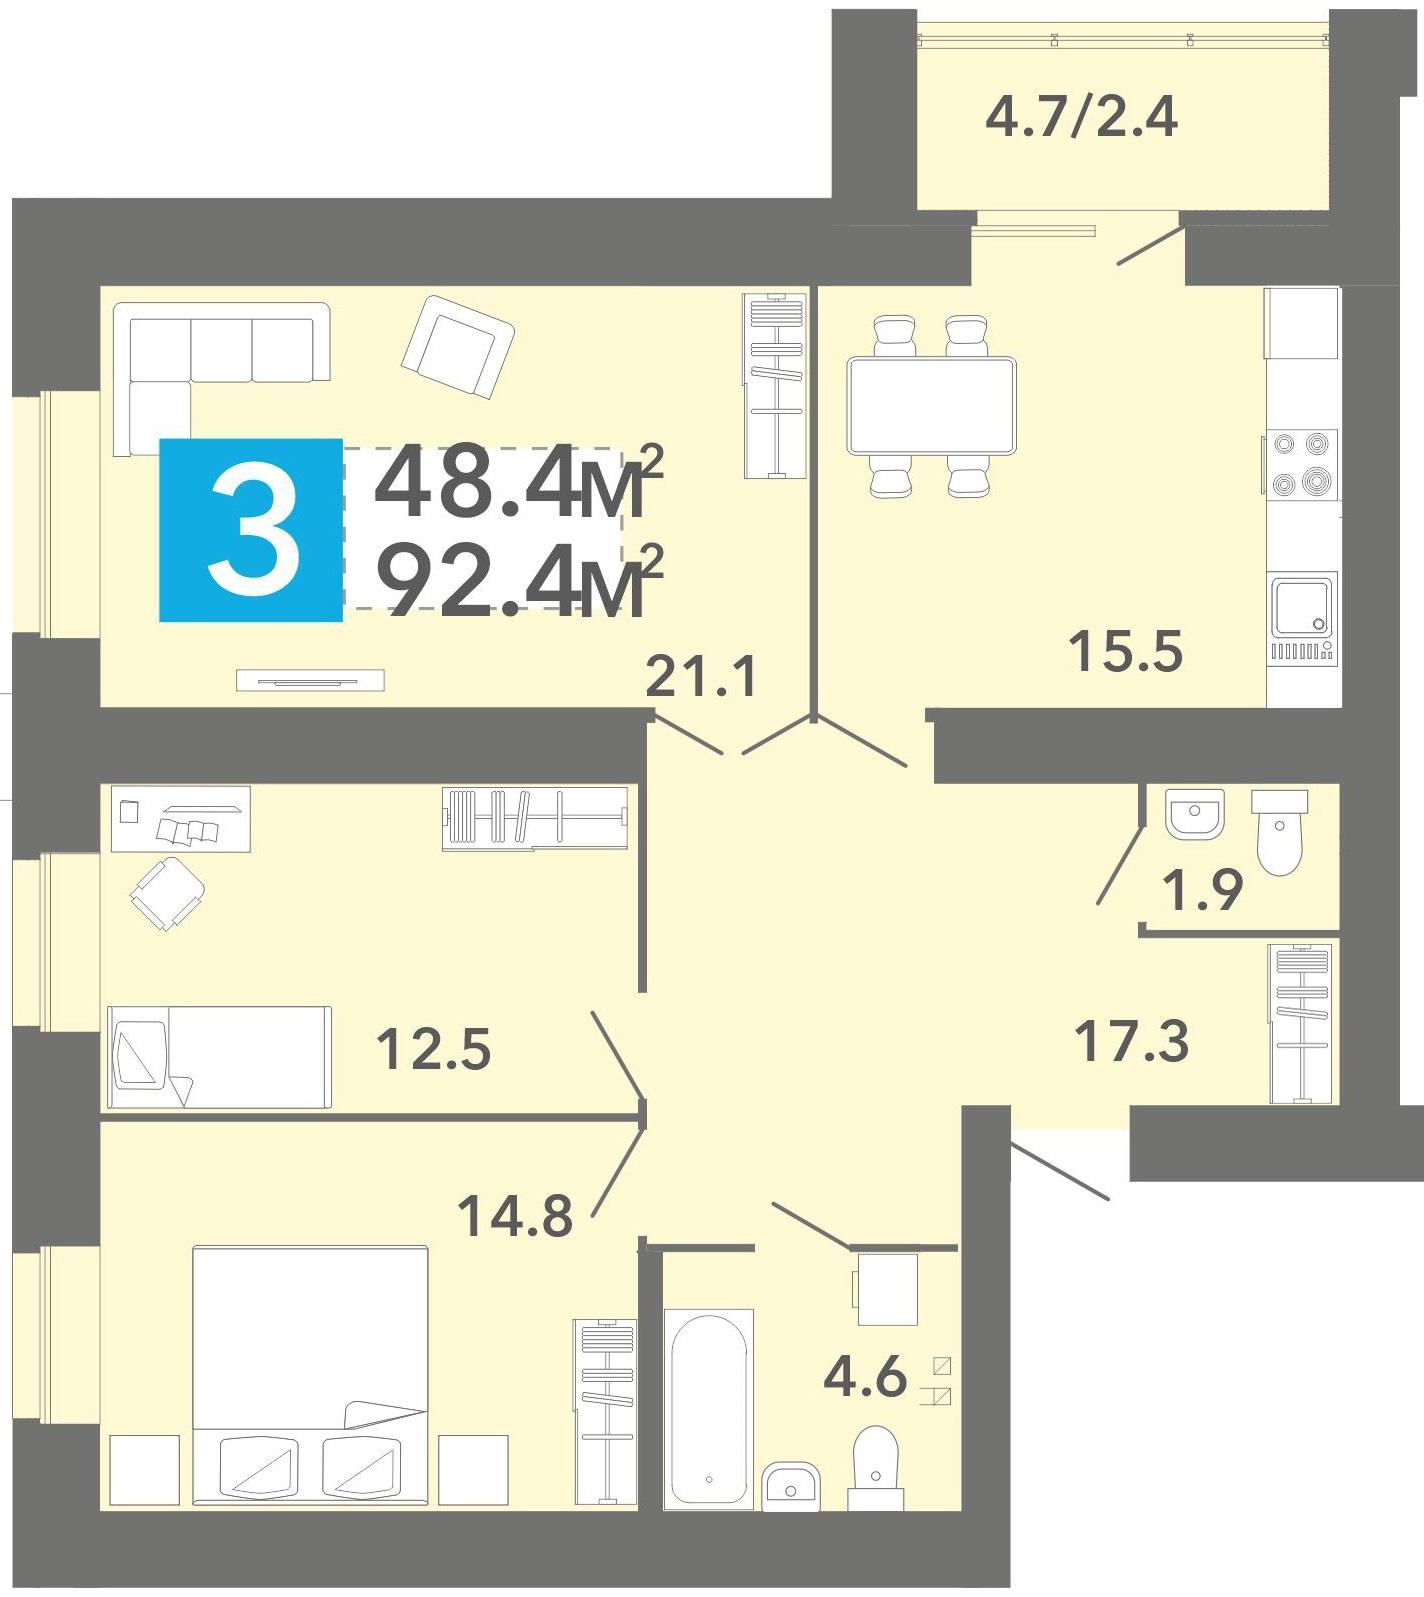 """3 комнатная 92,4 кв.м. (ЖК """"Созвездие"""")"""